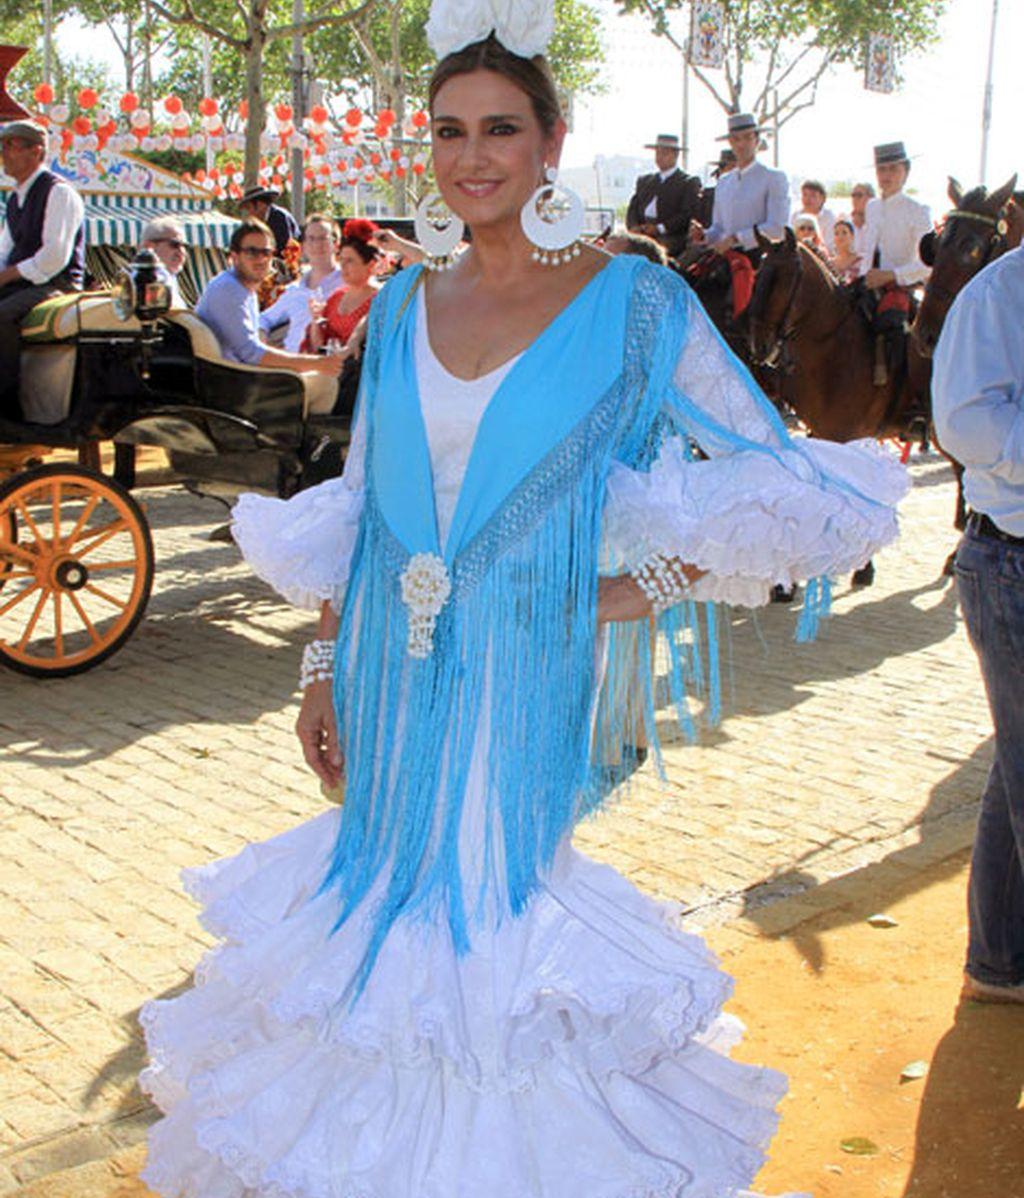 La diseñadora Marina Danko, se pone flamenca